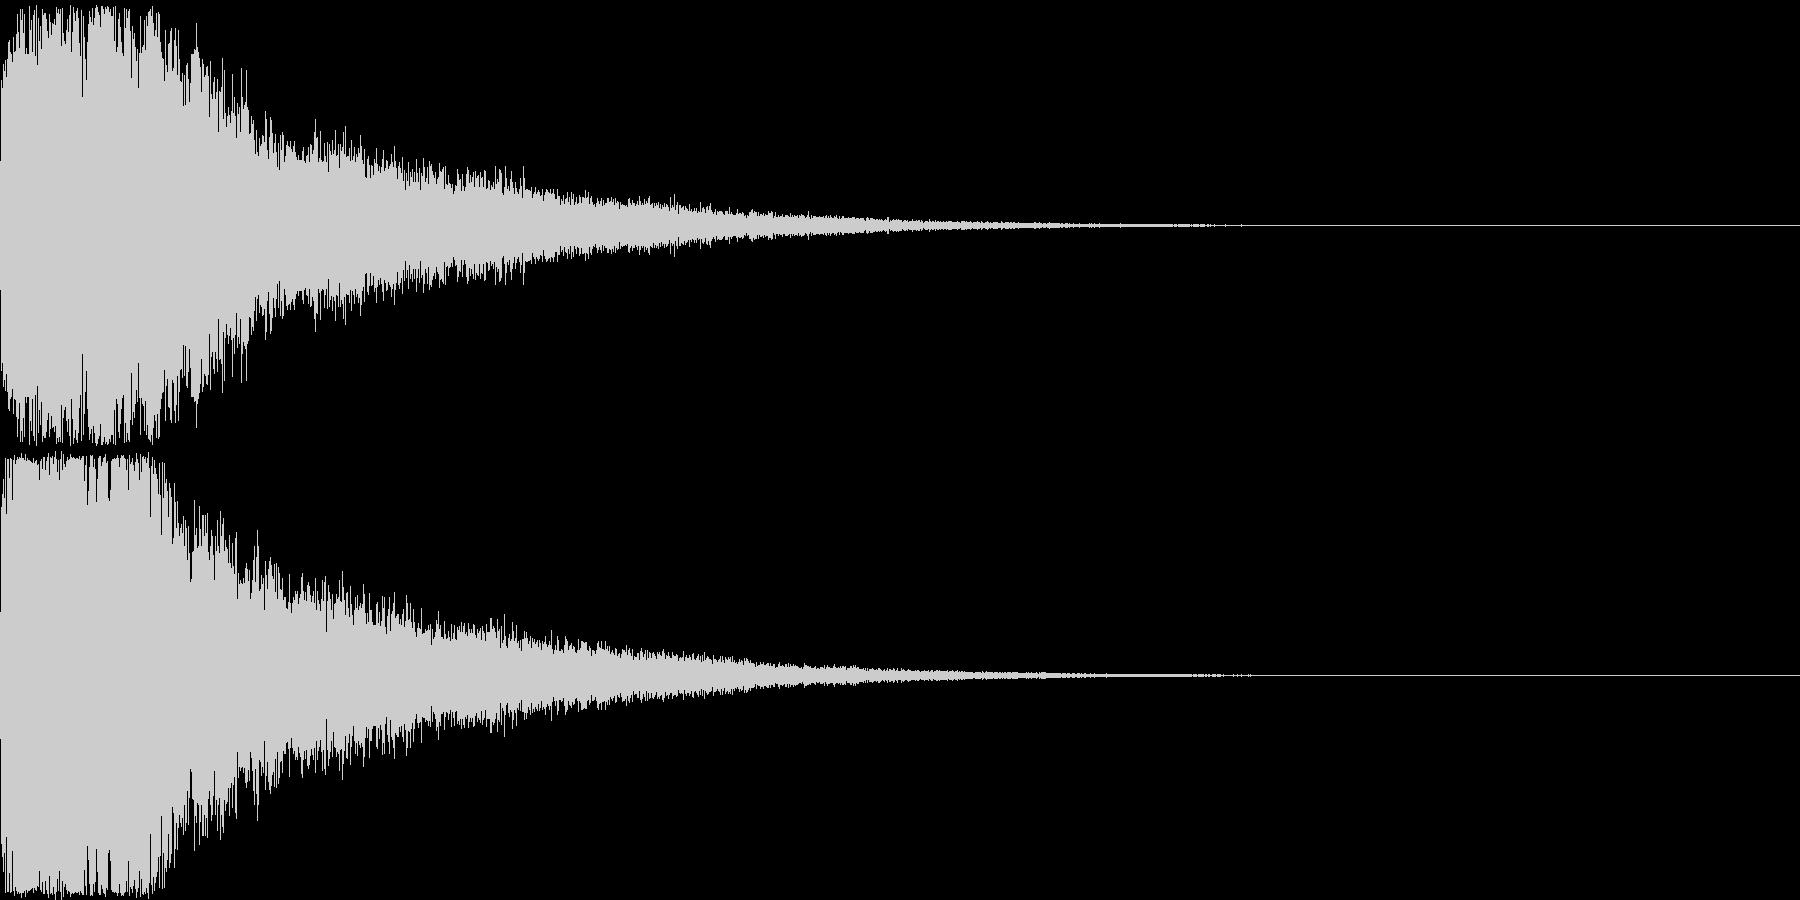 刀 剣 ソード カキーン キュイーン31の未再生の波形